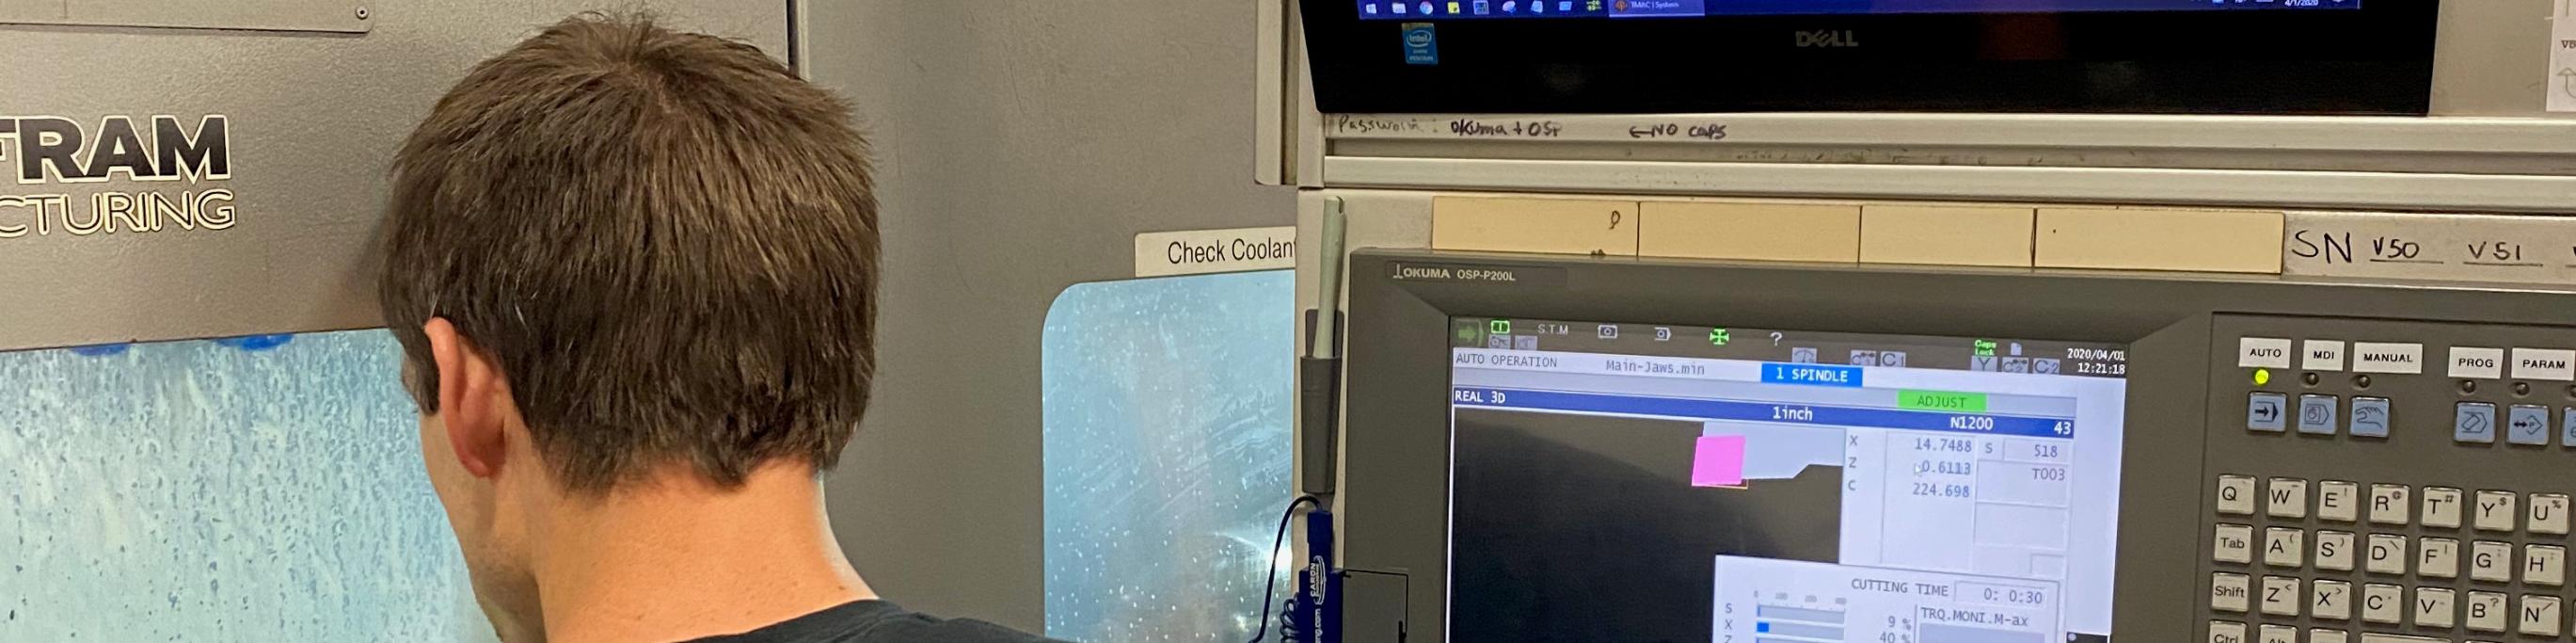 Man runs a multitasking machine